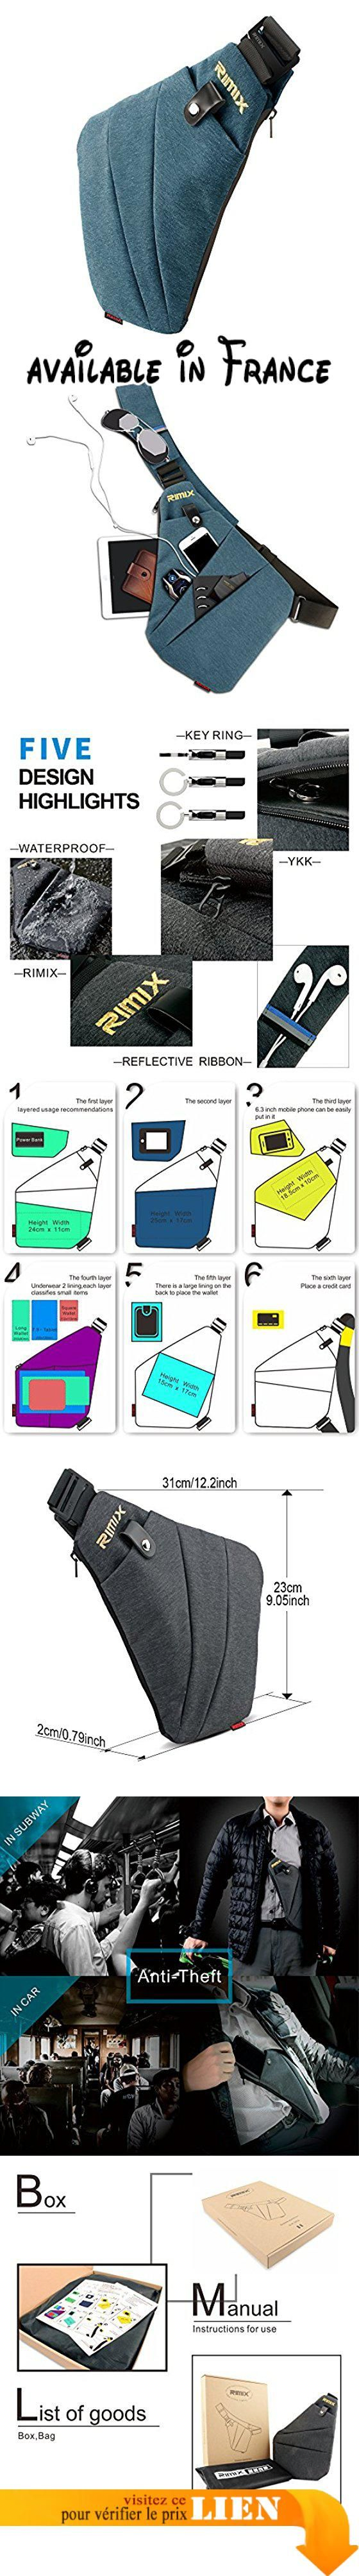 B075K97325 : RIMIX Multi-usage anti-vol Sac de sécurité caché Sous-bras Soutien-gorge à épaule Messenger Bag Sports Sac à poitrine Sac à dos portatif pour téléphone Money Passport Tactical Bag (Bleu/Pour Gaucher).  Matériau polyester anti-rayures durable et résistant à l'eau.  Fixation télescopique réglable adaptée à différentes hauteurs c'est très pratique pour travailler aller à la maison et faire un voyage d'affaire.  Avec la ceinture d'épaule